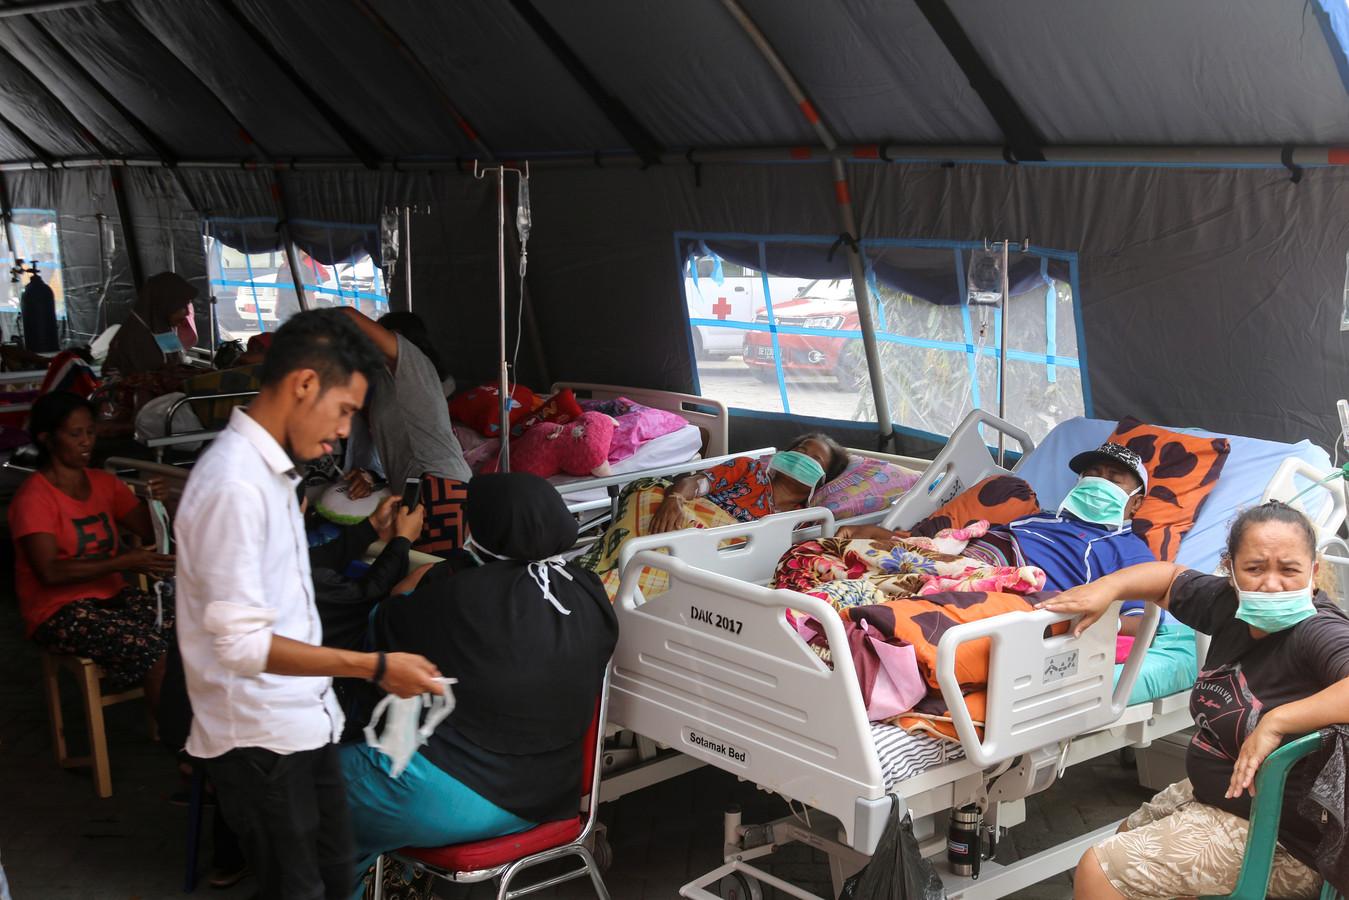 Gewonden worden opgevangen in tijdelijke ziekenboegen.